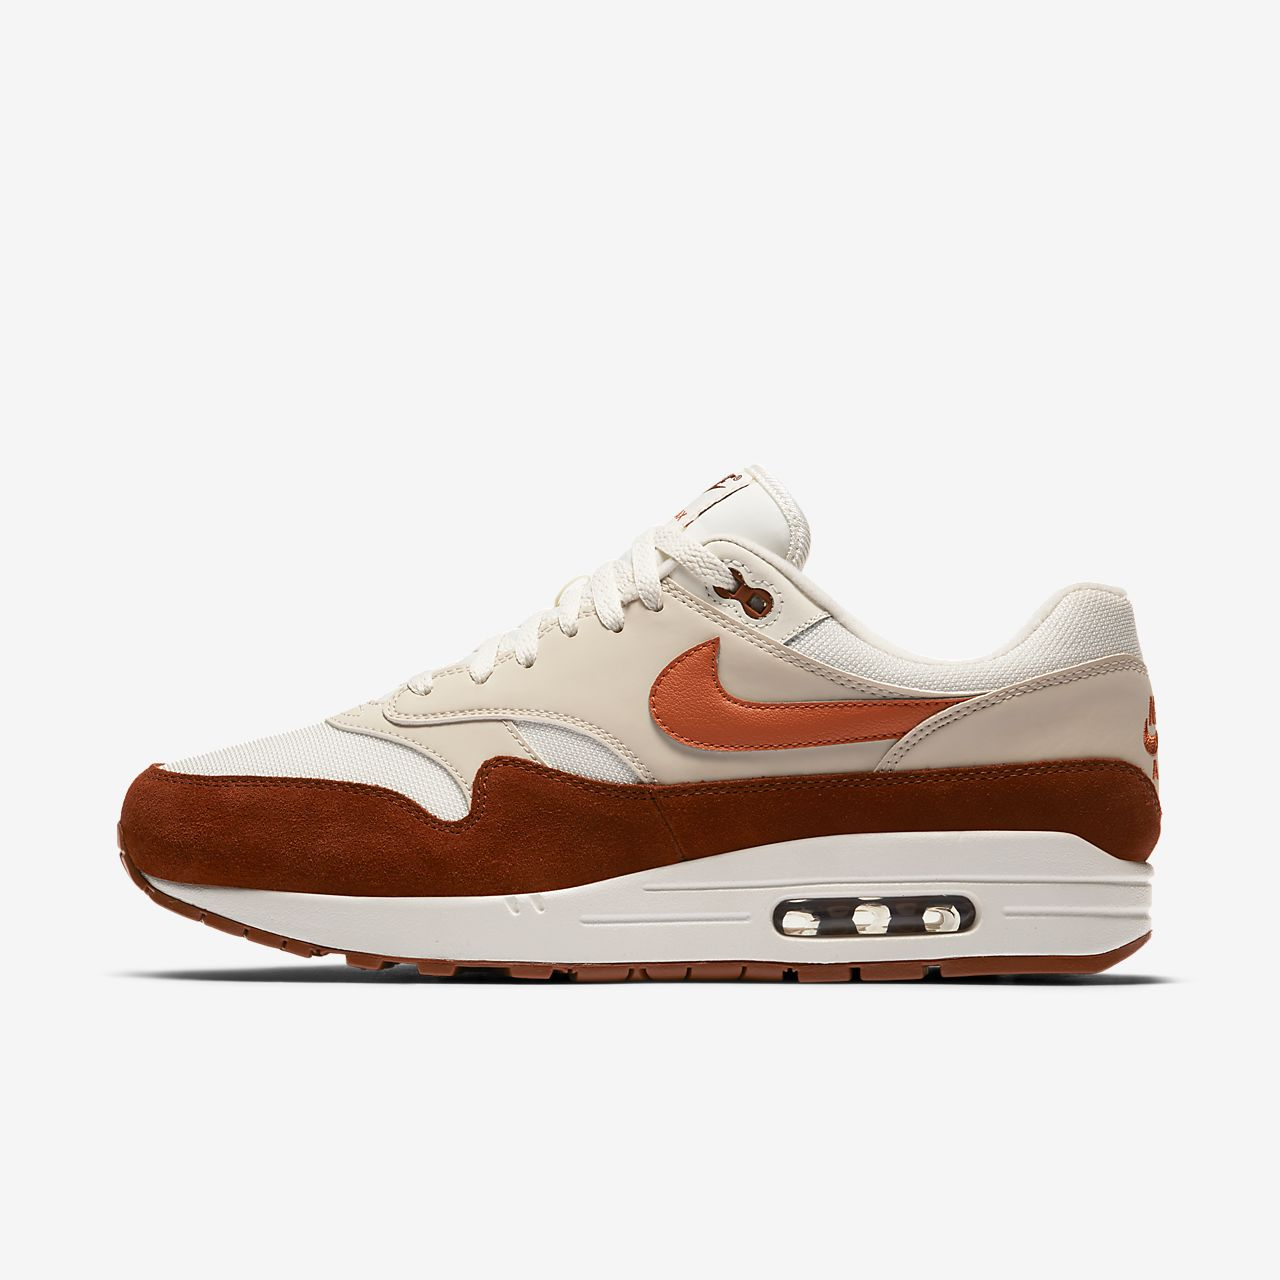 Chaussures Nike Air Max 1 bleues Urbaines homme qQ0cYSh3